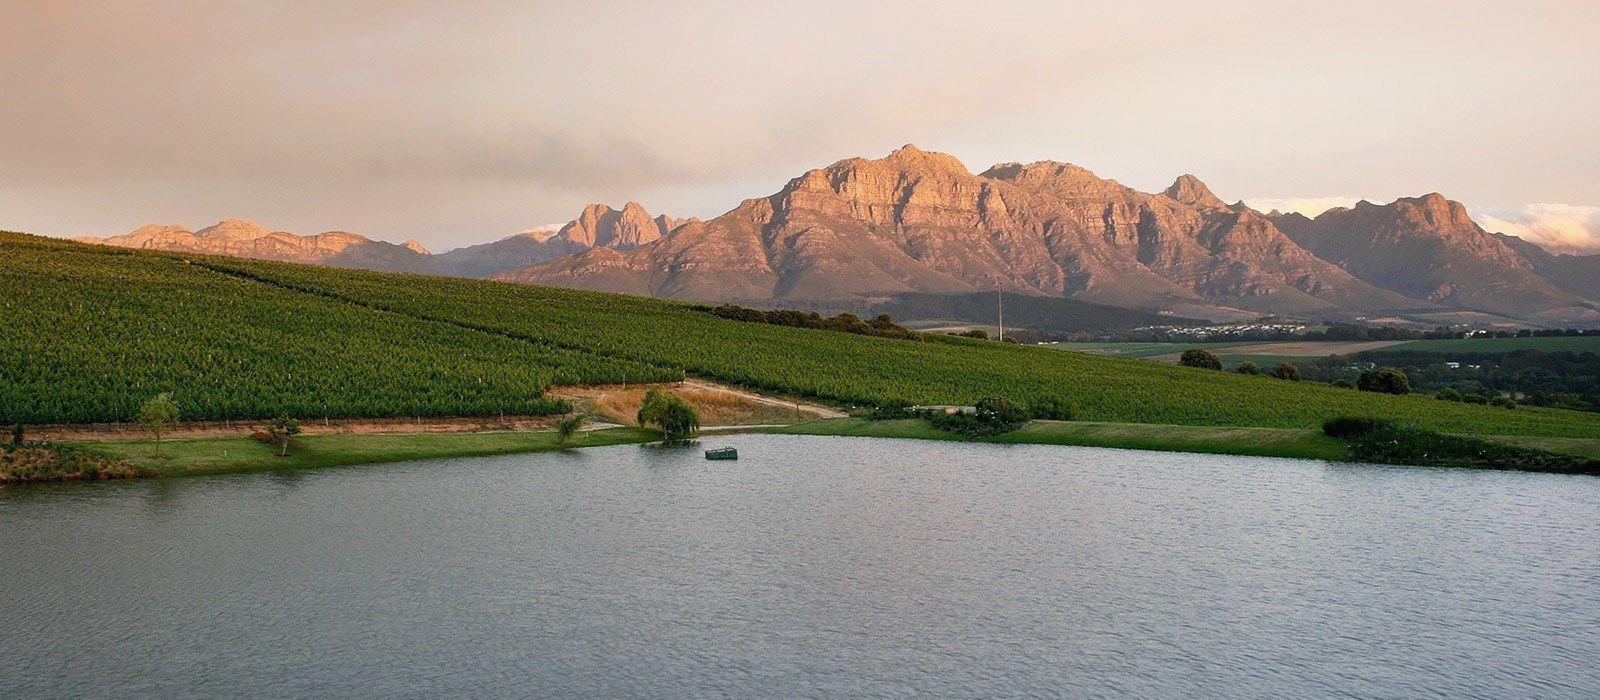 Reiseziel Winelands Südafrika